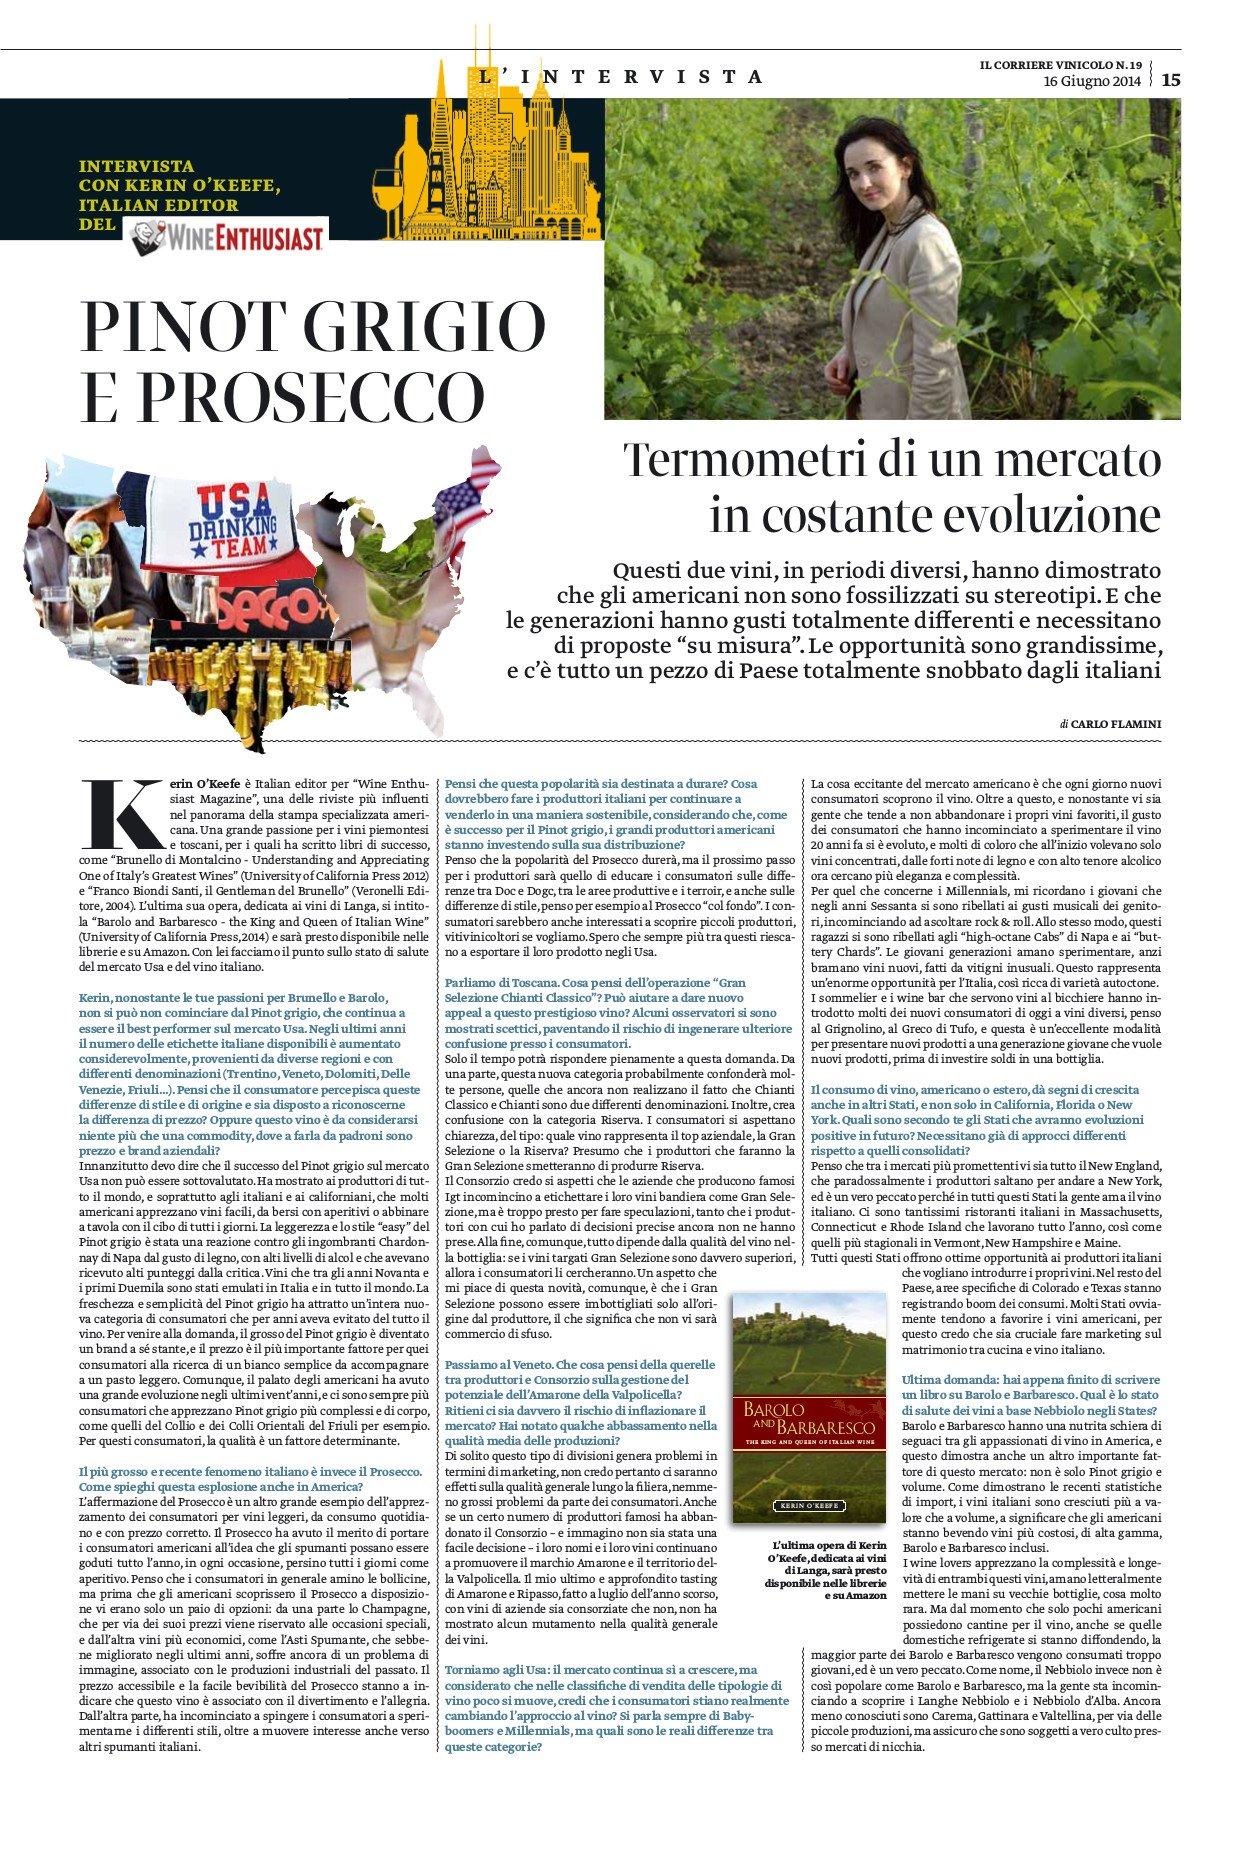 Pinot Grigio e Prosecco. Termometri di un mercato in costante evoluzione